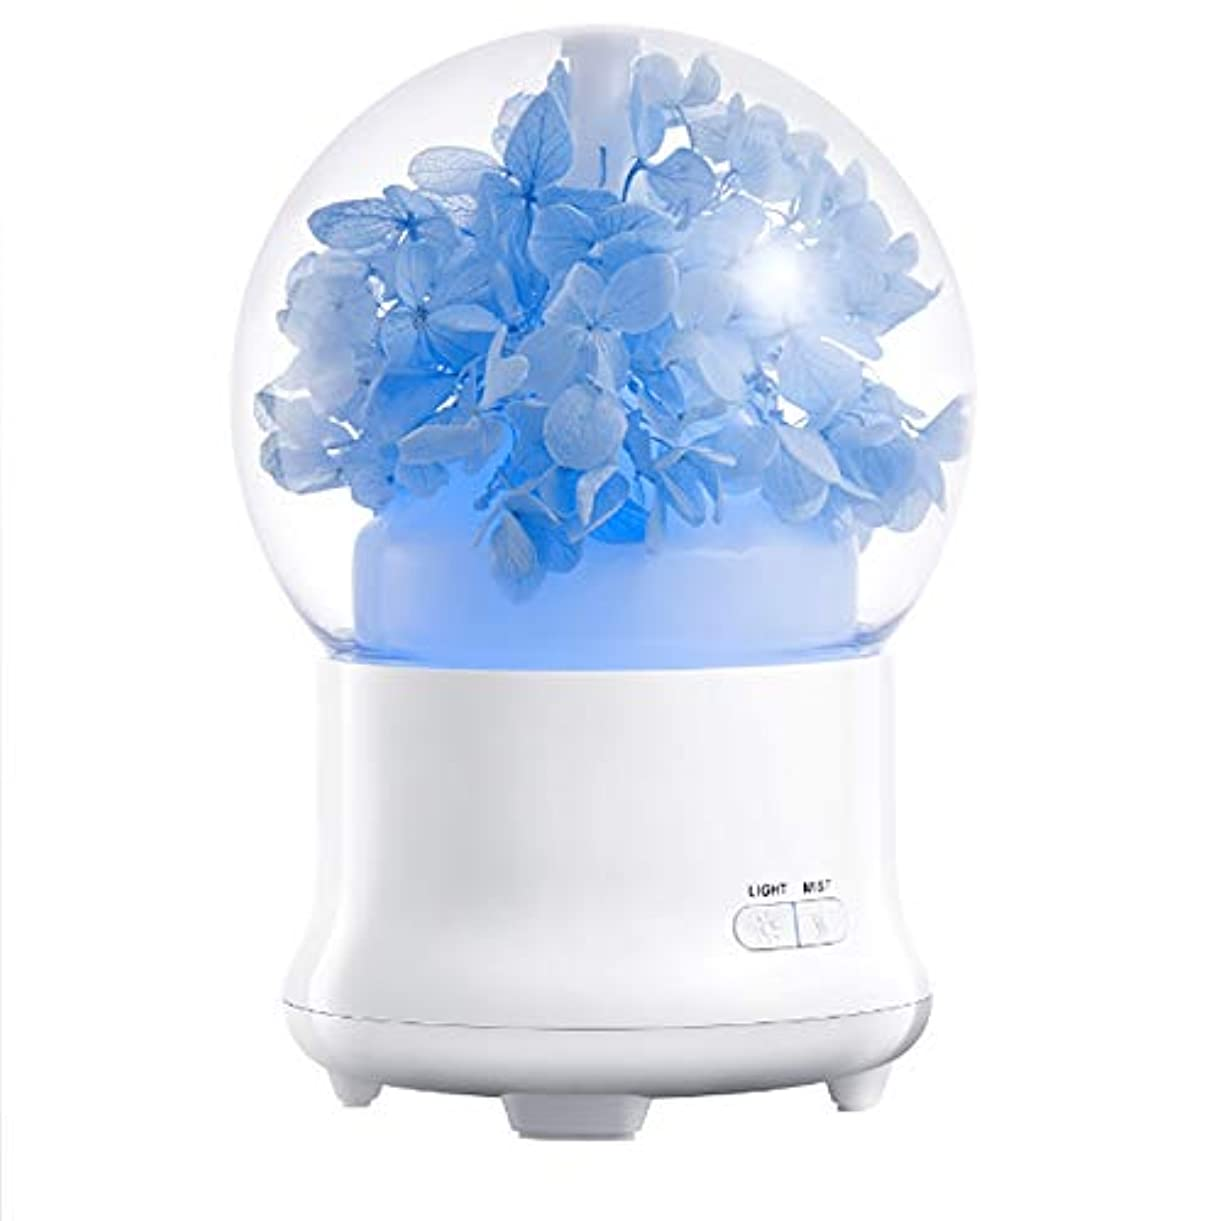 バレエ淡い凍結100ml 加湿器アロマセラピーマシン永遠の花クリーンエアタイマーと自動オフ安全スイッチオフィスホームベッドルームリビングルームスタディヨガスパ USB 充電,1